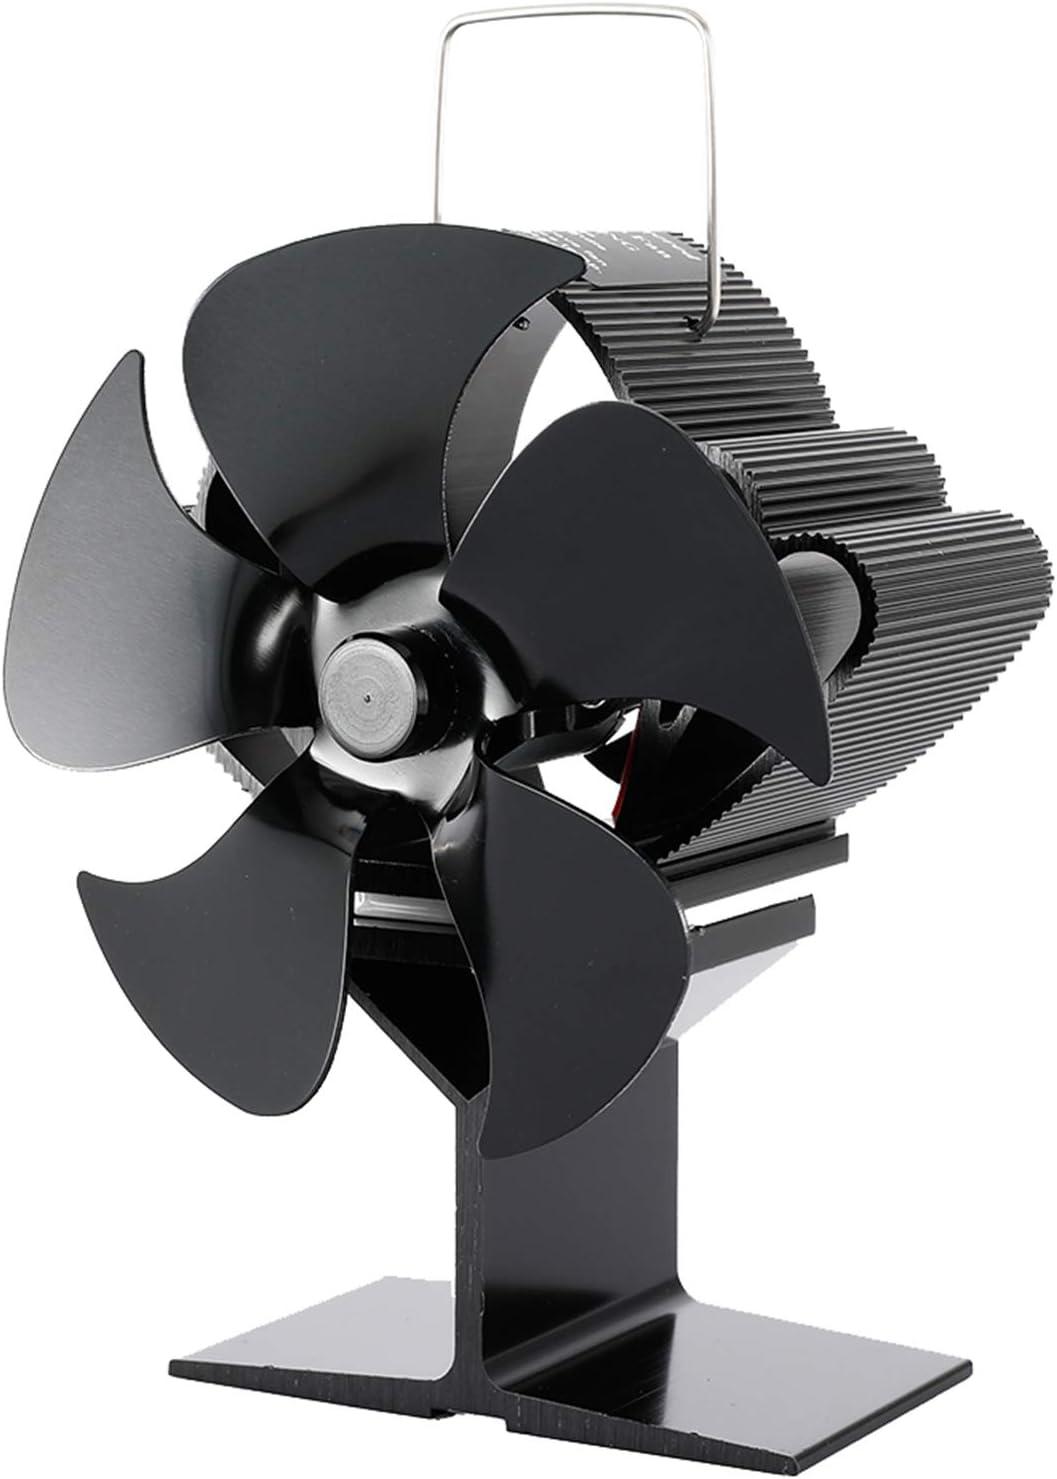 Ventilador De Estufa De 5 Aspas Accionado Por Calor, Circulación De Aire Caliente Que Ahorra Combustible, Ventilador Autoalimentado De Manera Eficiente, Para Chimenea De Leña Para El Hogar (negro)